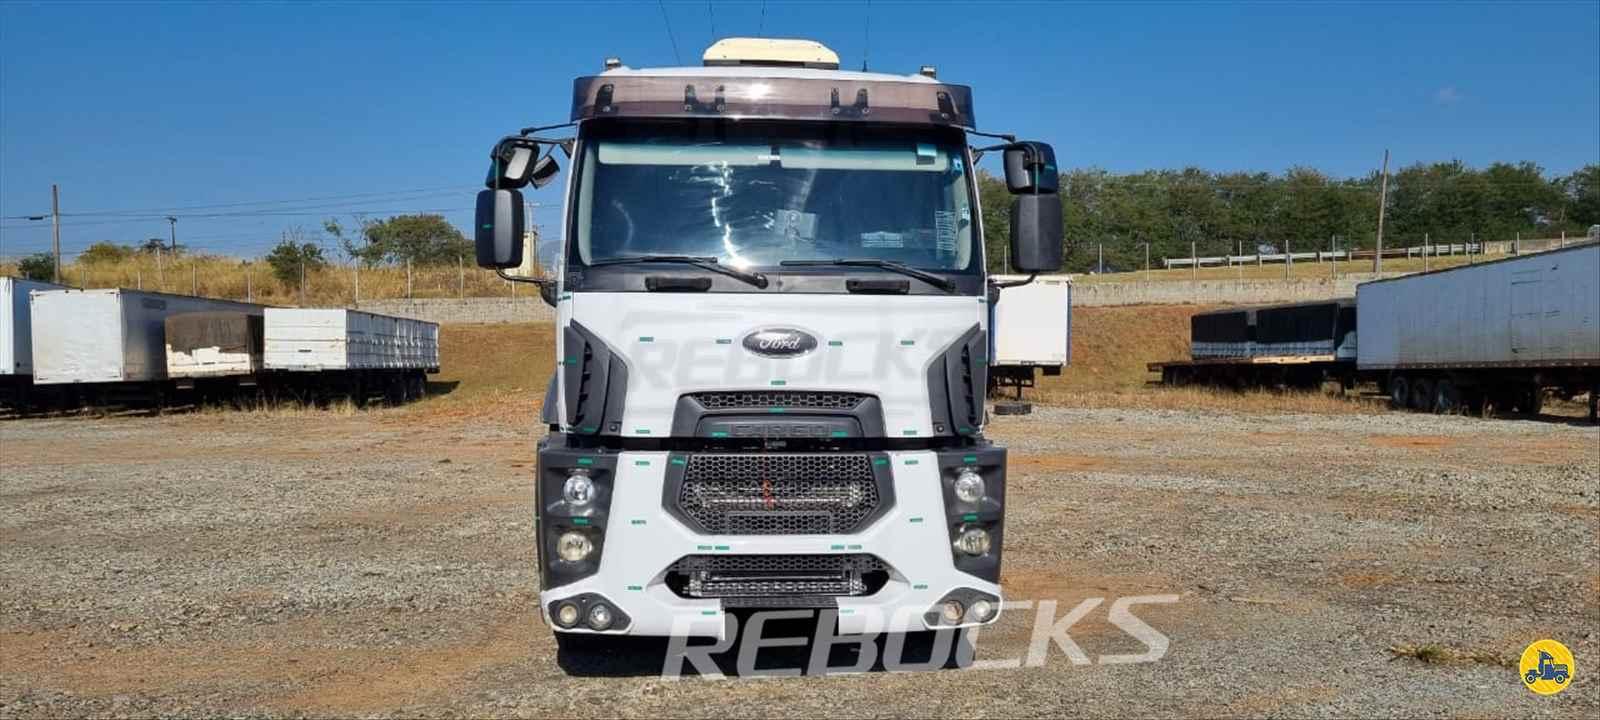 CAMINHAO FORD CARGO 2842 Cavalo Mecânico Truck 6x2 Rebocks LIMEIRA SÃO PAULO SP